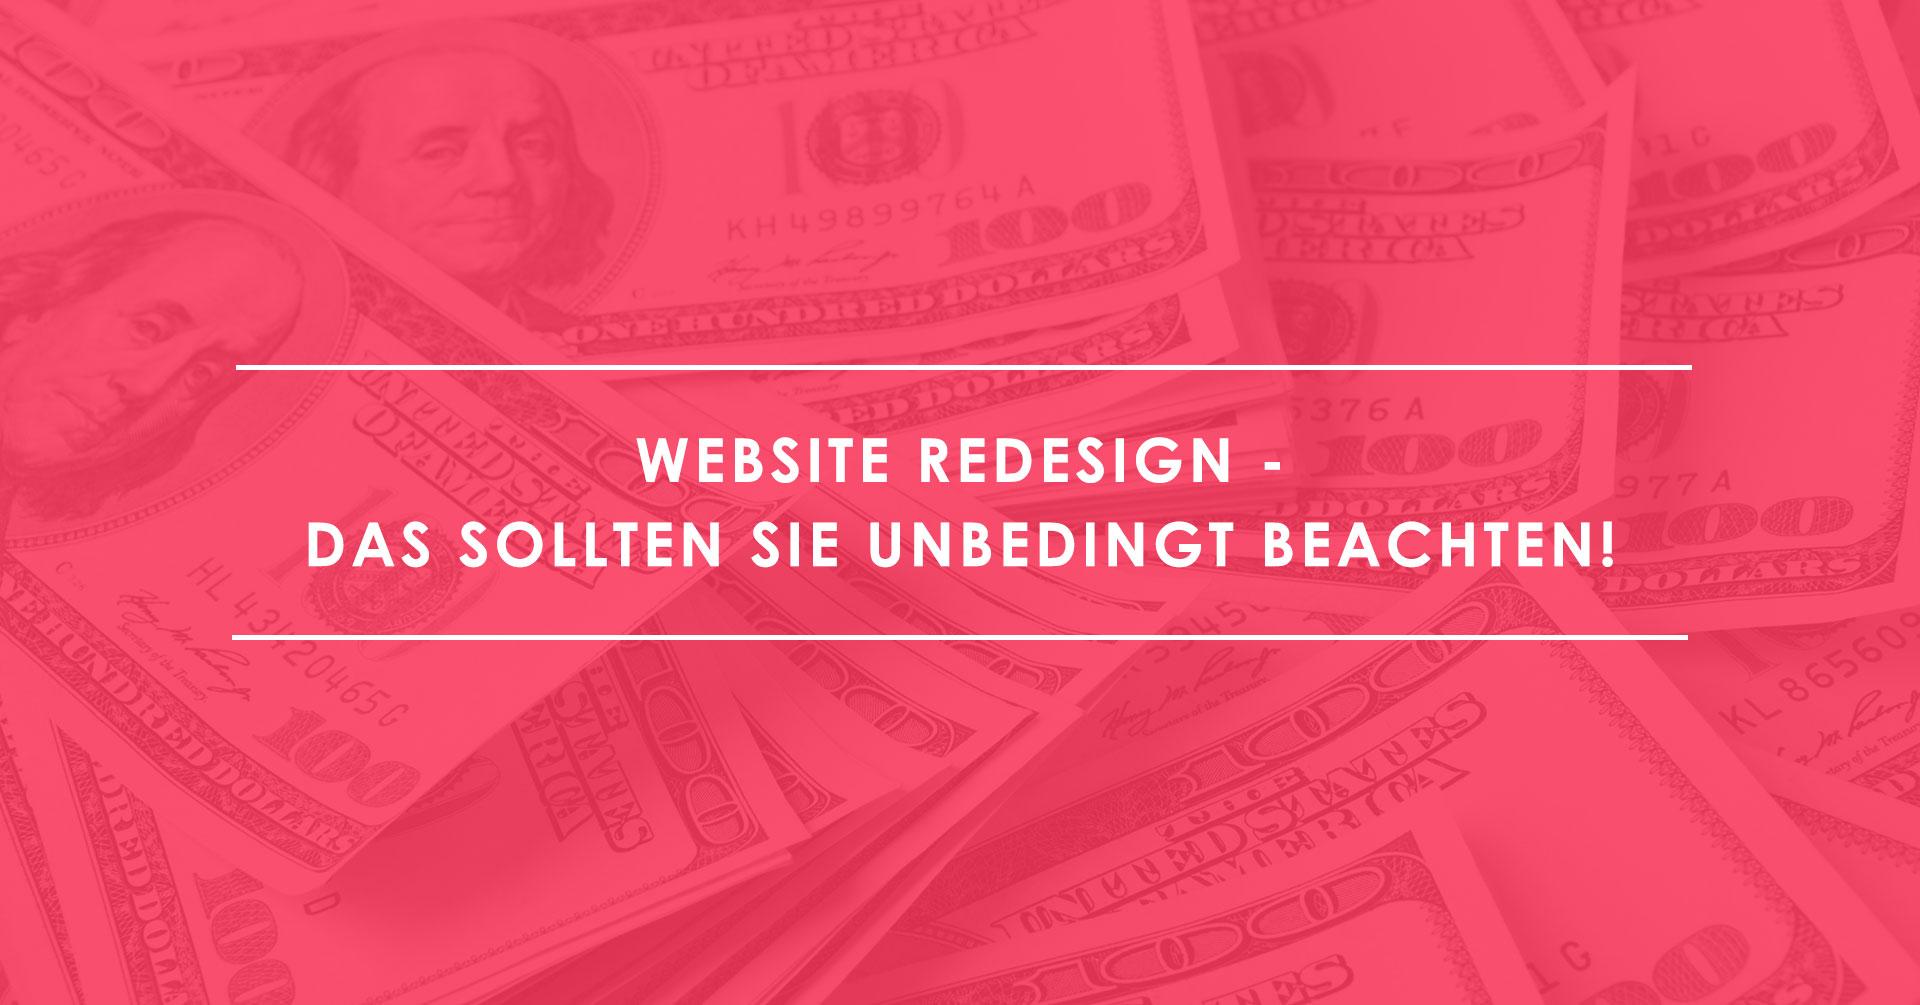 Wie-viel-sollte-ein-Website-Redesign-kosten-